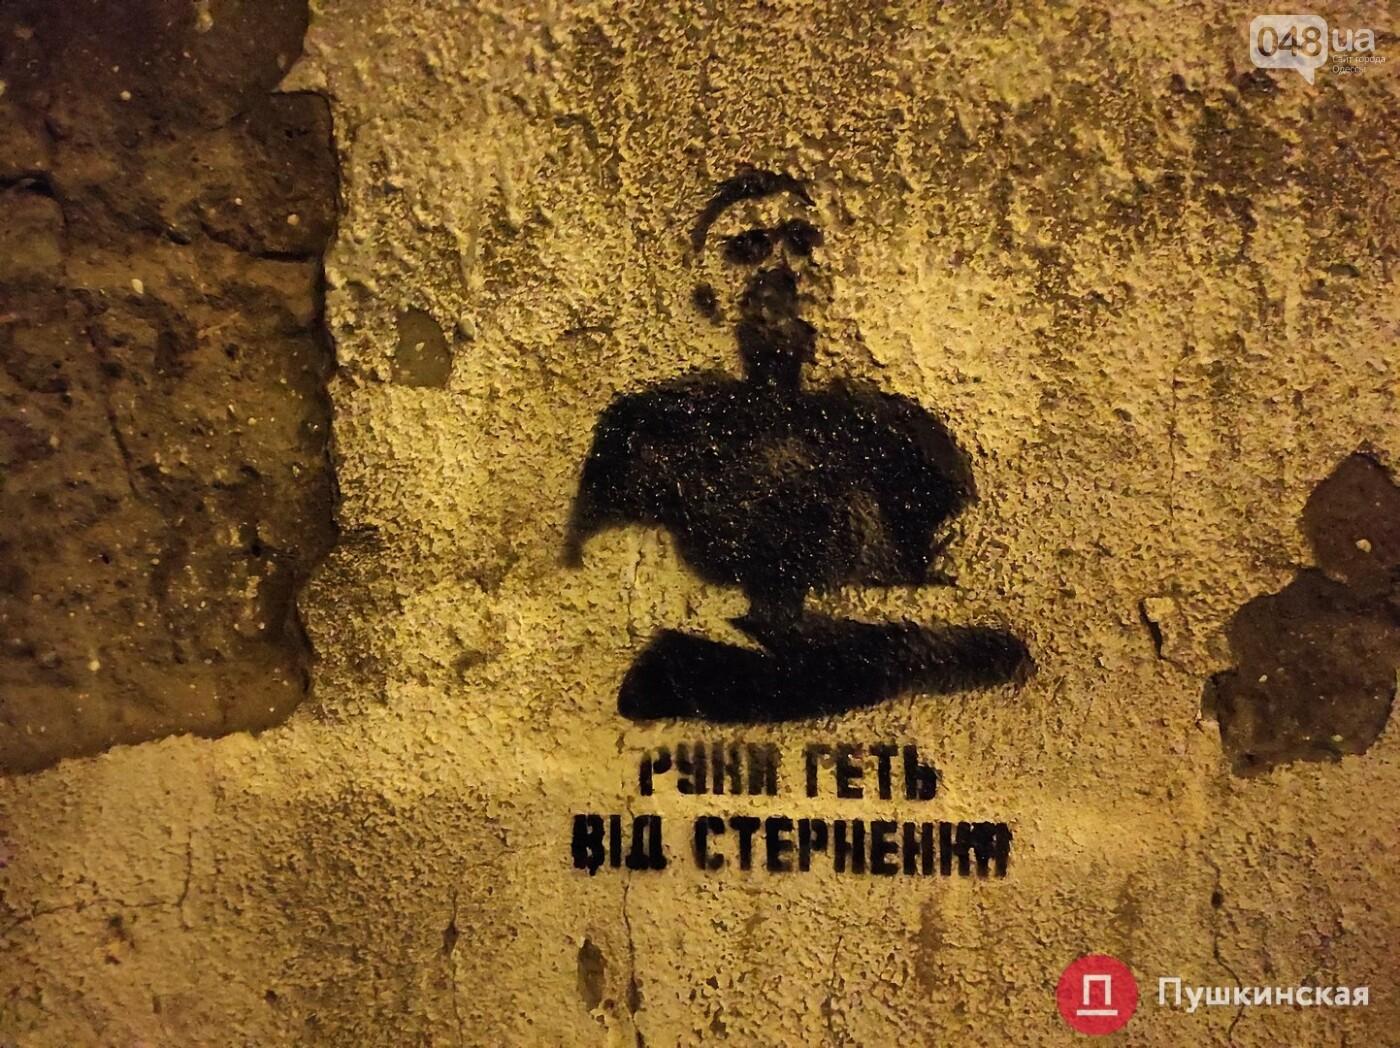 Одесситы жгли фаеры и рисовали портреты Стерненко на СИЗО,- ФОТО, фото-7